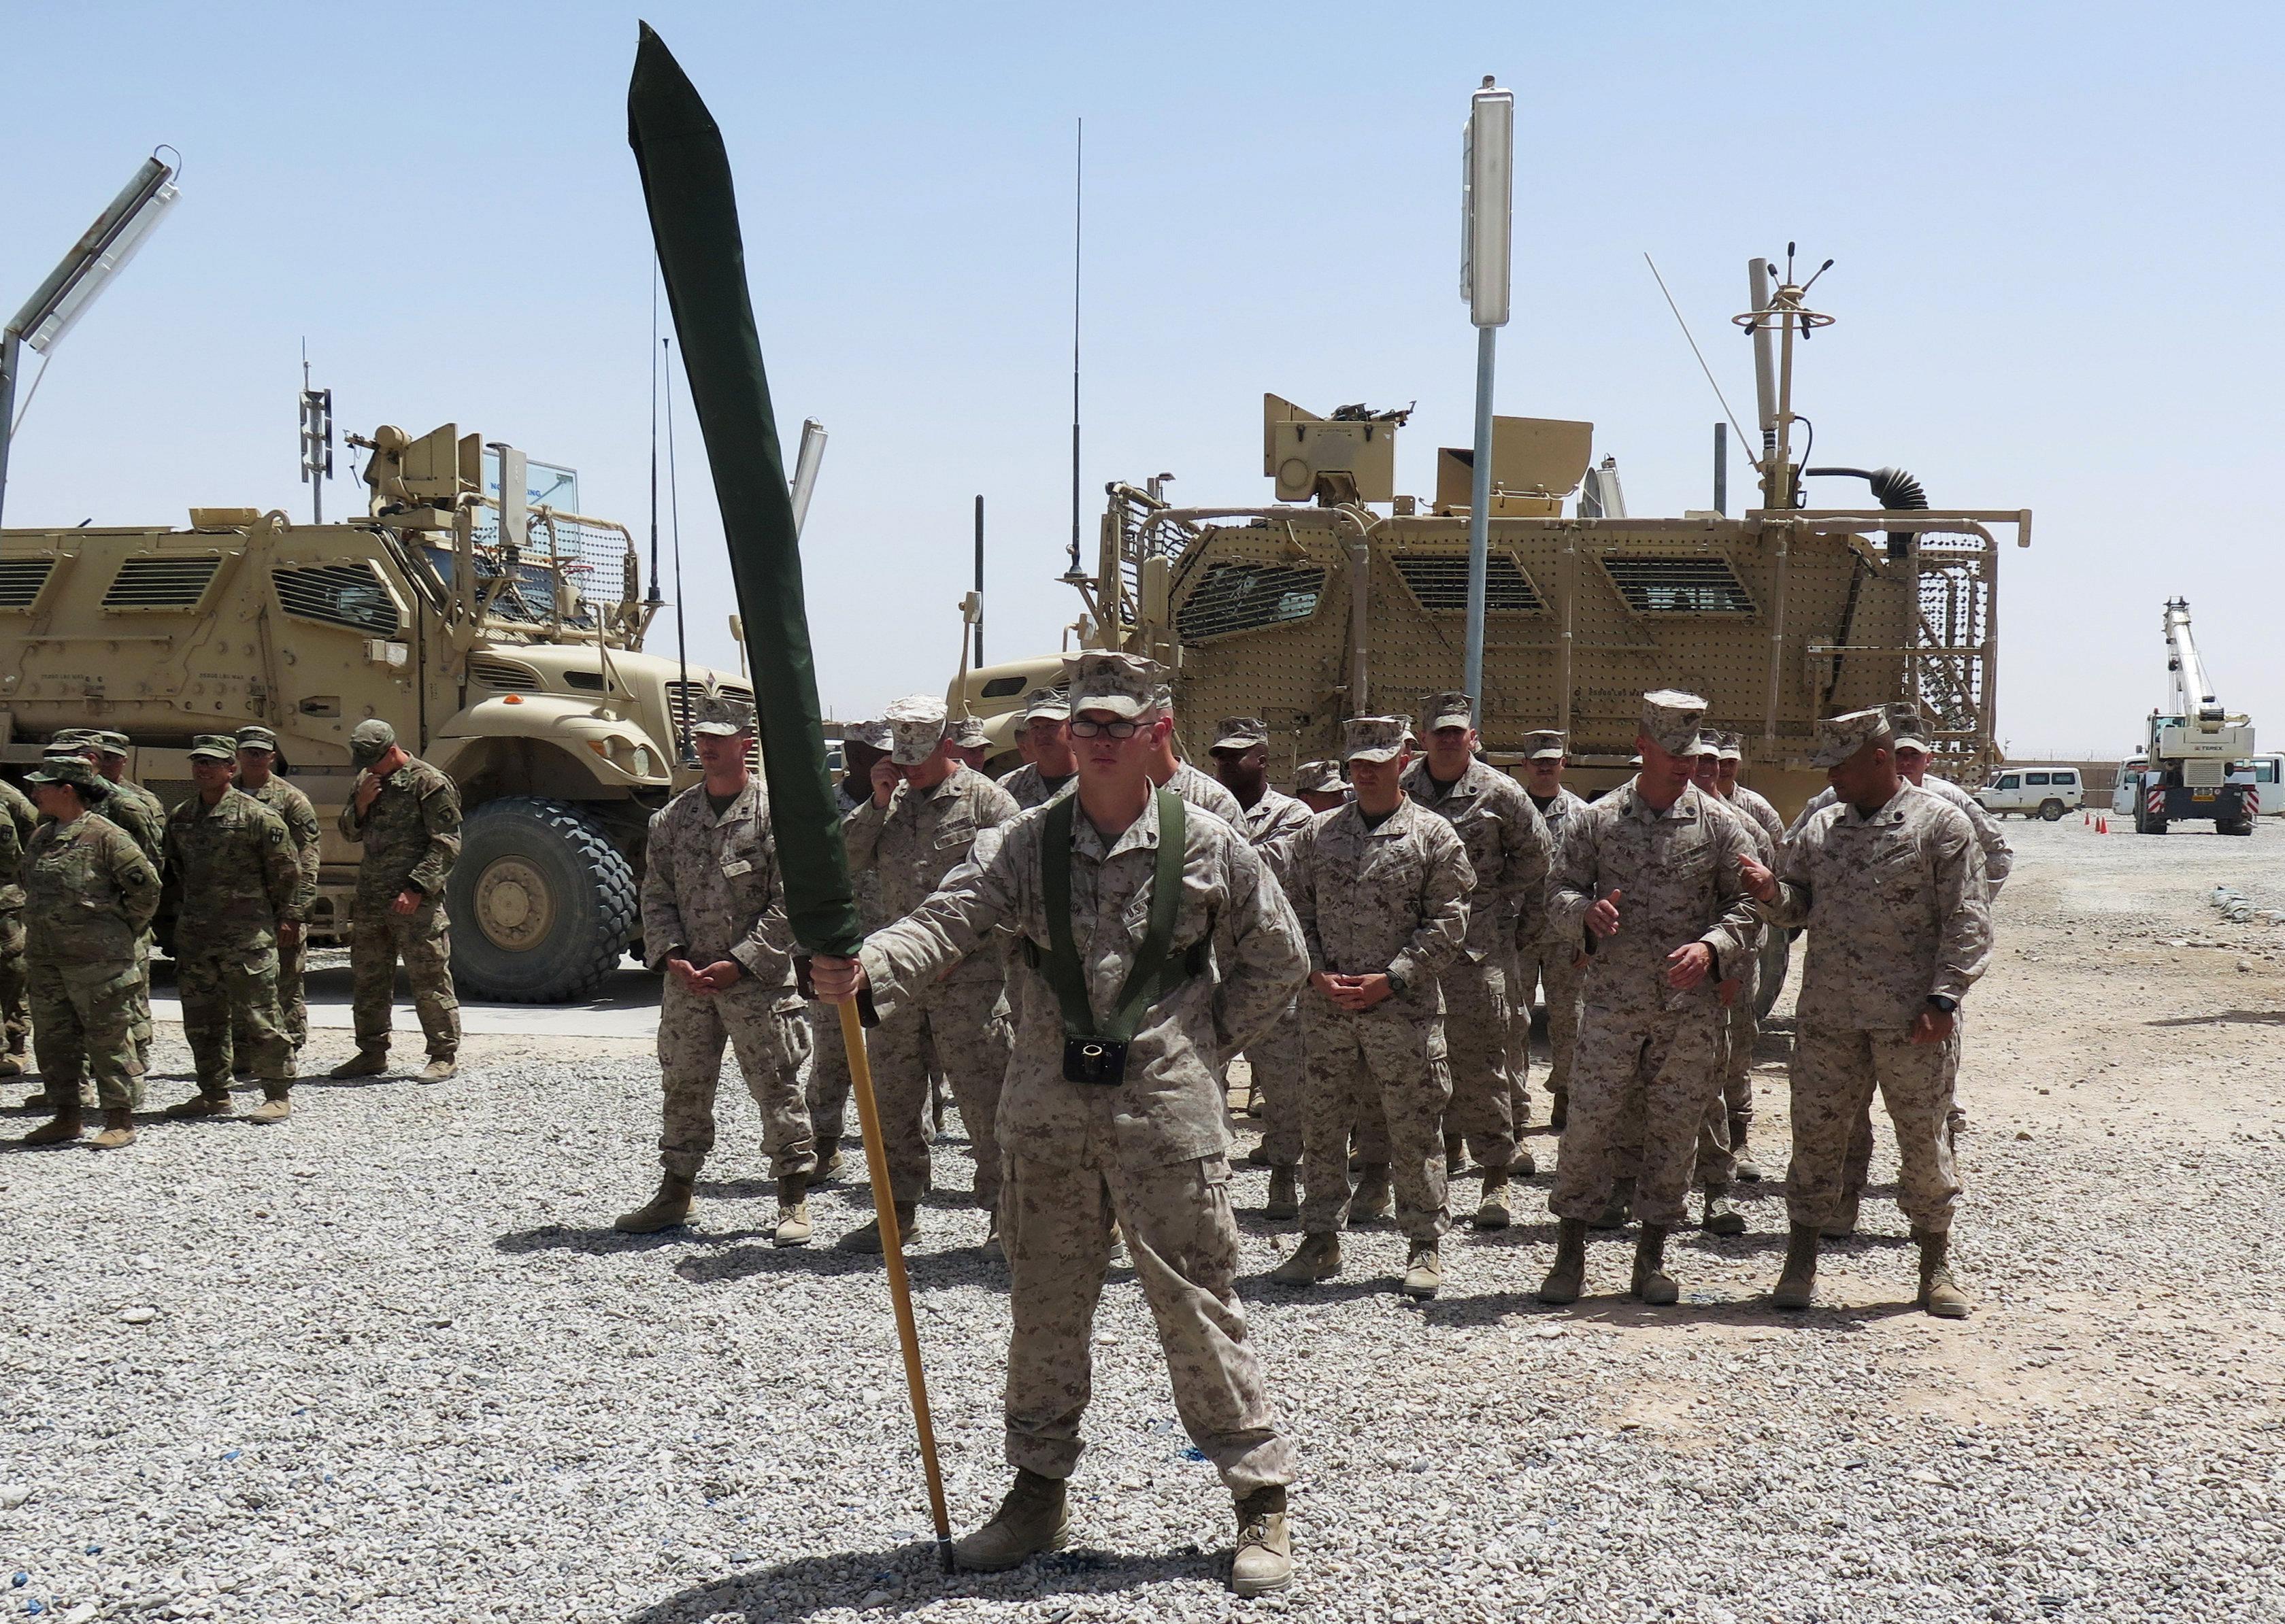 بالصور.. عودة مشاة البحرية الأمريكية إلى هلمند لتدريب القوات الأفغانية -  اليوم السابع